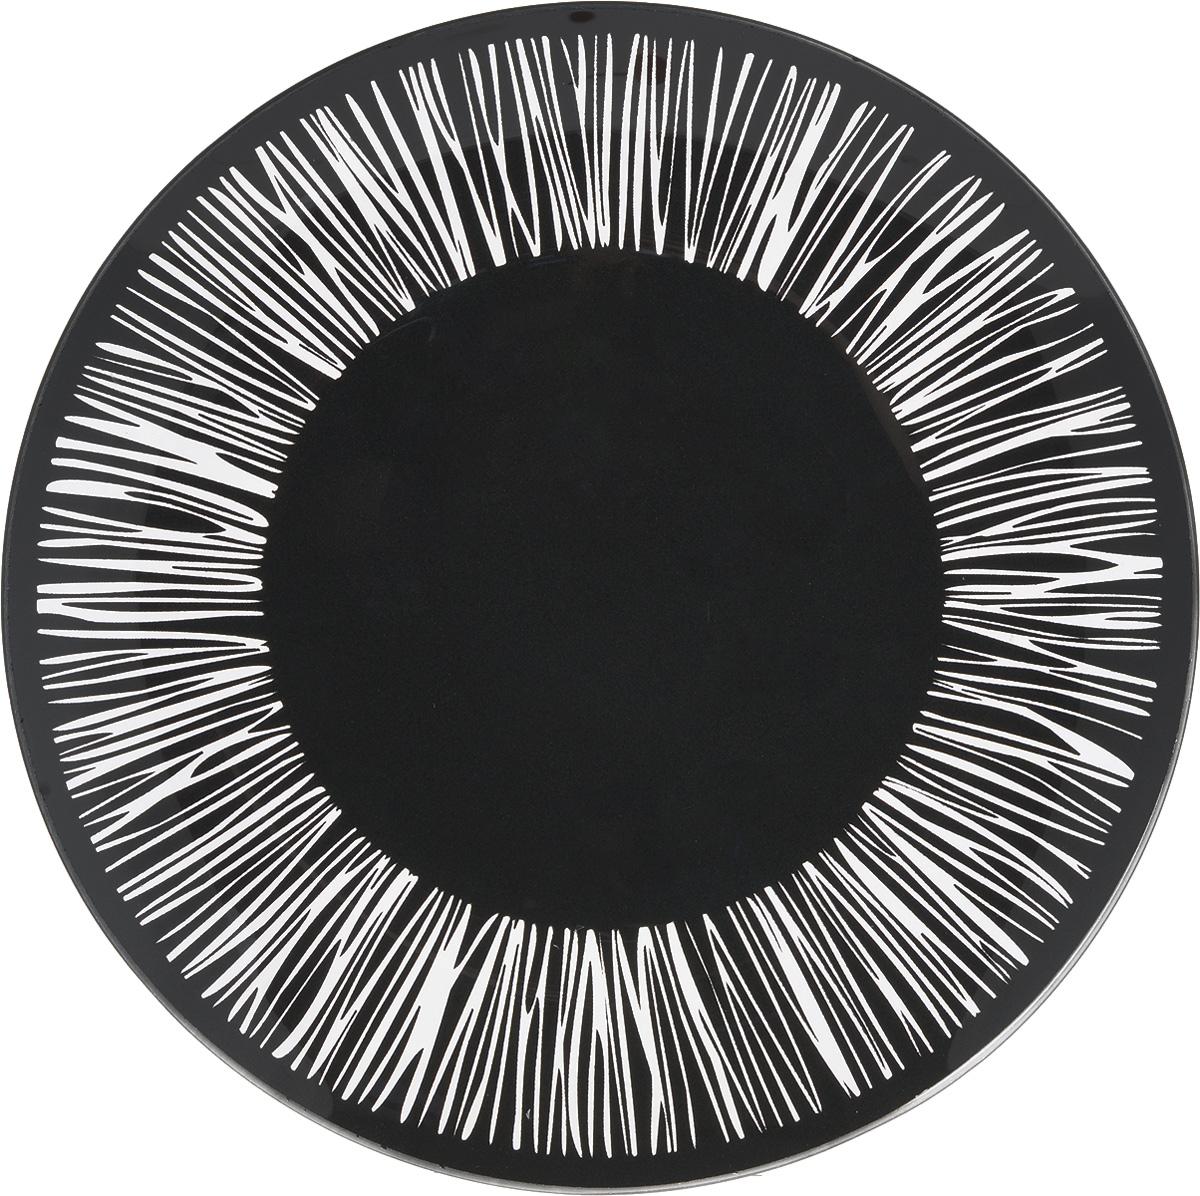 Тарелка NiNaGlass Витас, цвет: черный, диаметр 26 см ваза ninaglass дана цвет шоколад высота 16 см